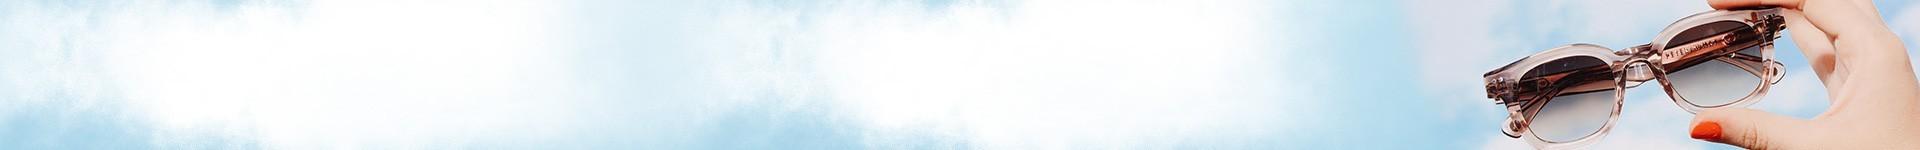 Lunettes de soleil Femme - ChoqueOptique, votre opticien en ligne.